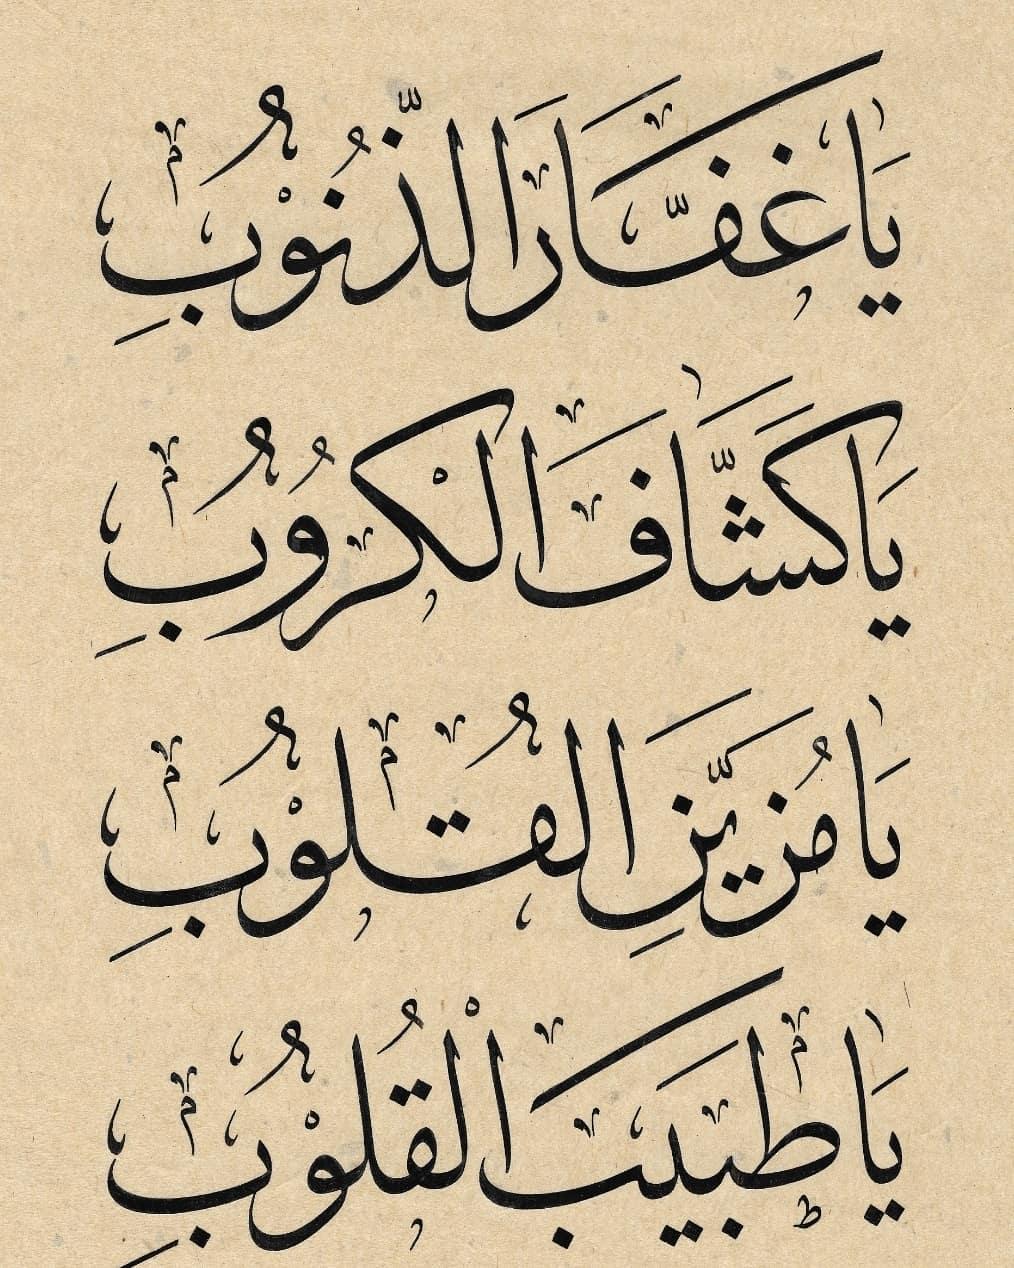 al kattat احمدعلی نمازی  Cevşen-ül Kebir Duası 12.bölümden  دعای جوشن کبیر فصل ۱۲ . . . . . .#islamic #is… 743